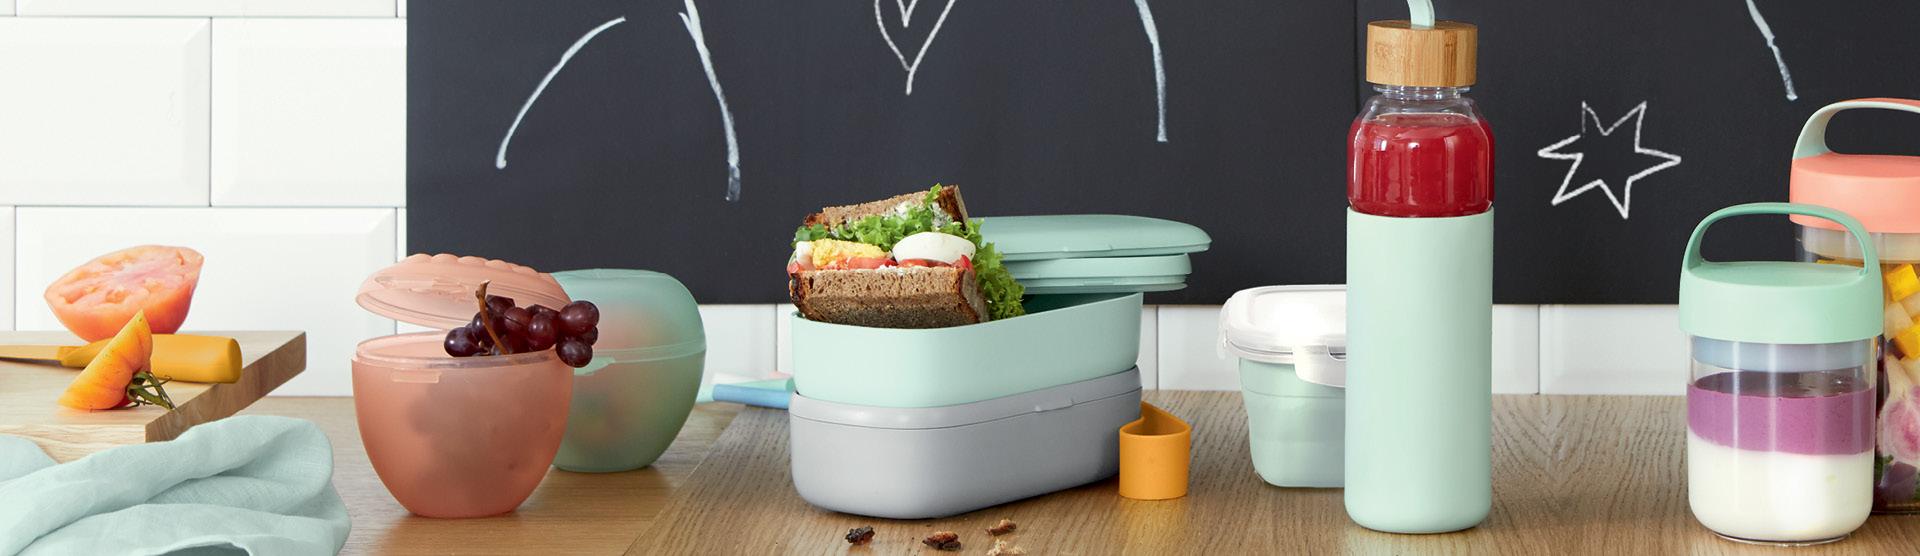 Egészséges és modern konyha